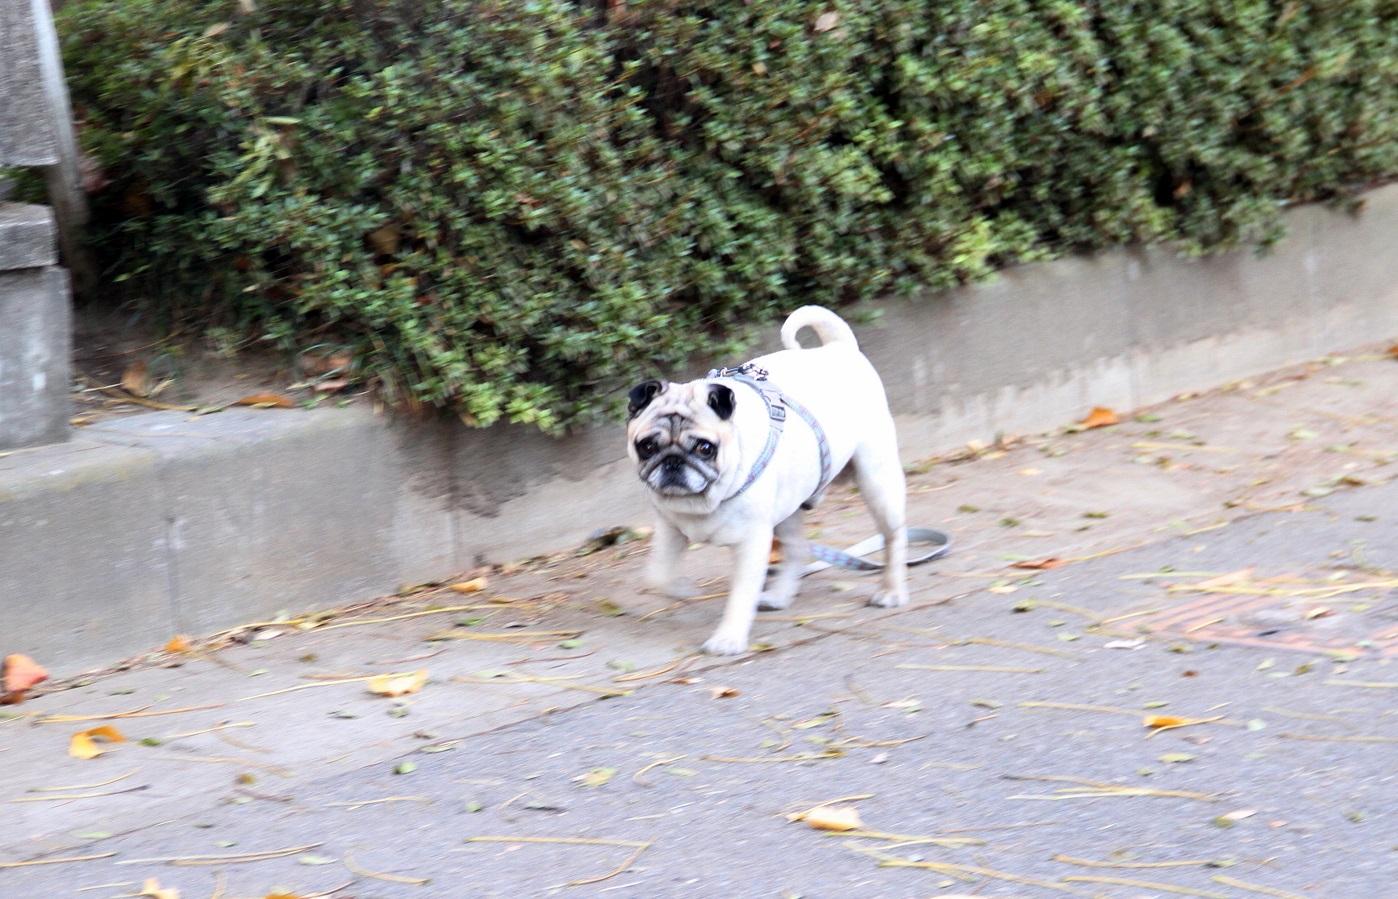 愛犬(ケン太)との散歩での風景と二宮尊徳像_f0239515_23124164.jpg